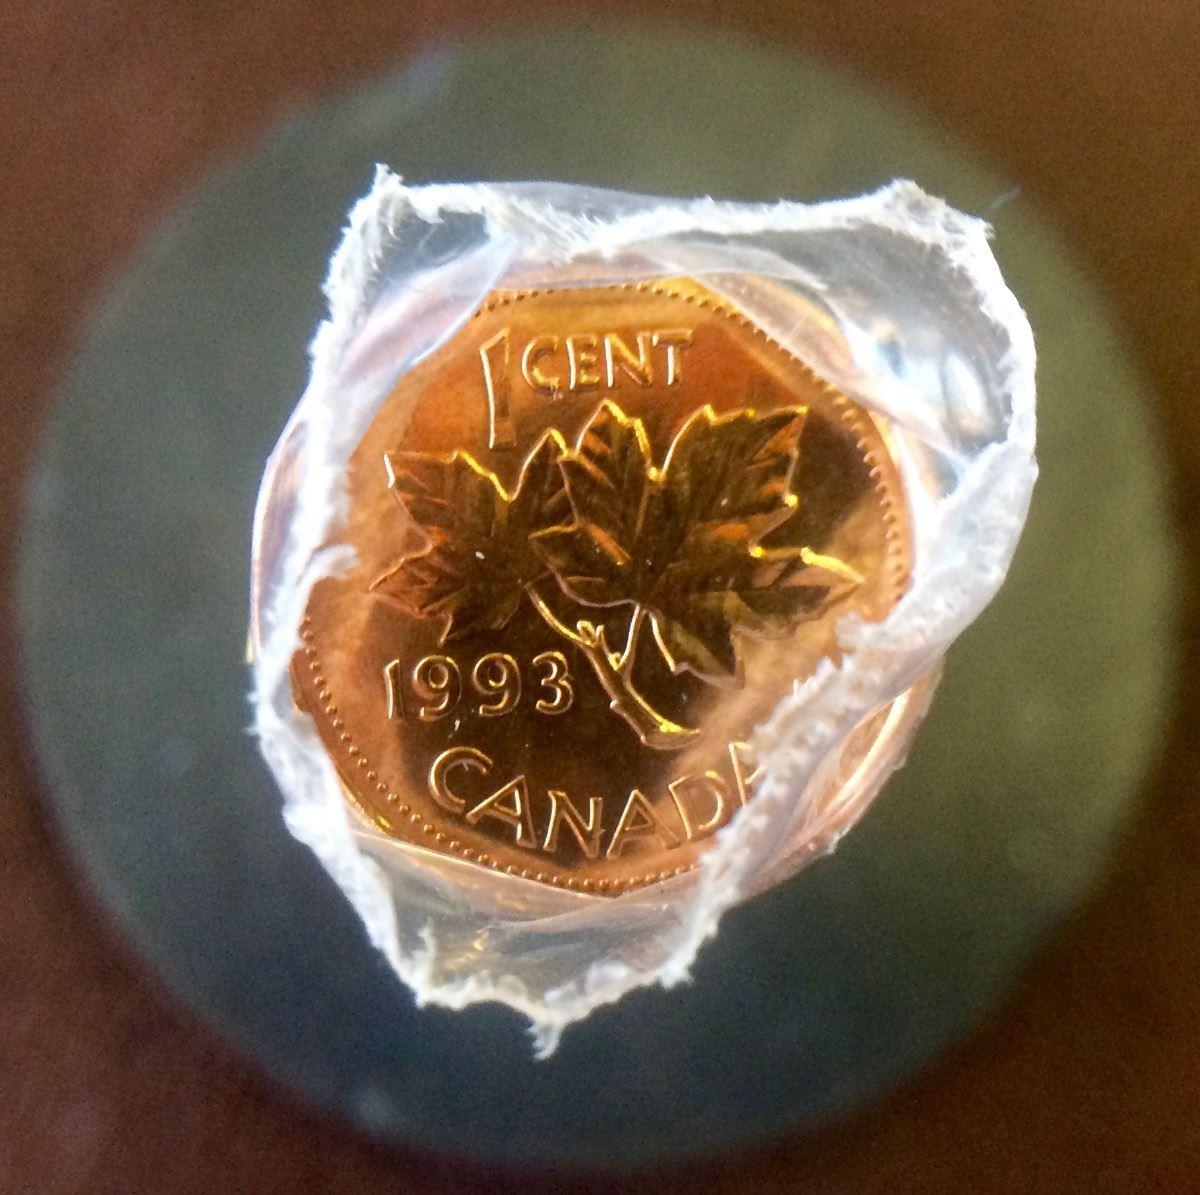 Canada 1993 Penny Roll